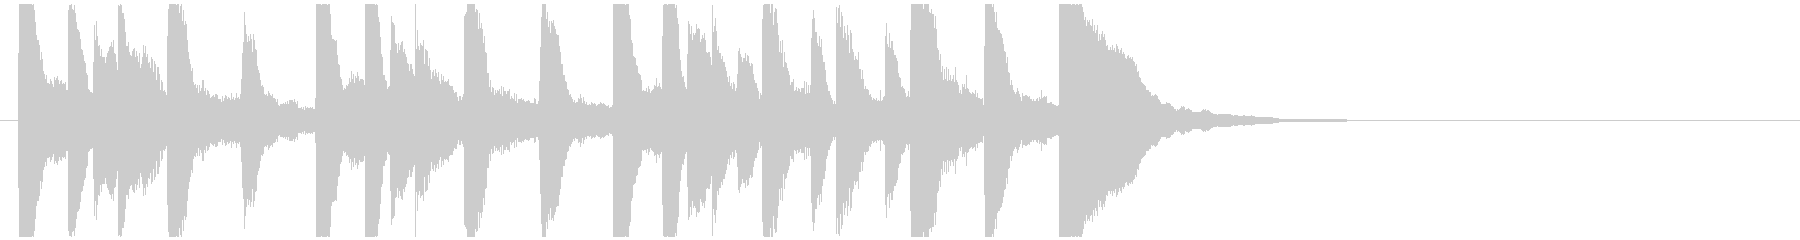 かわいいピアノジングル/場面転換の未再生の波形